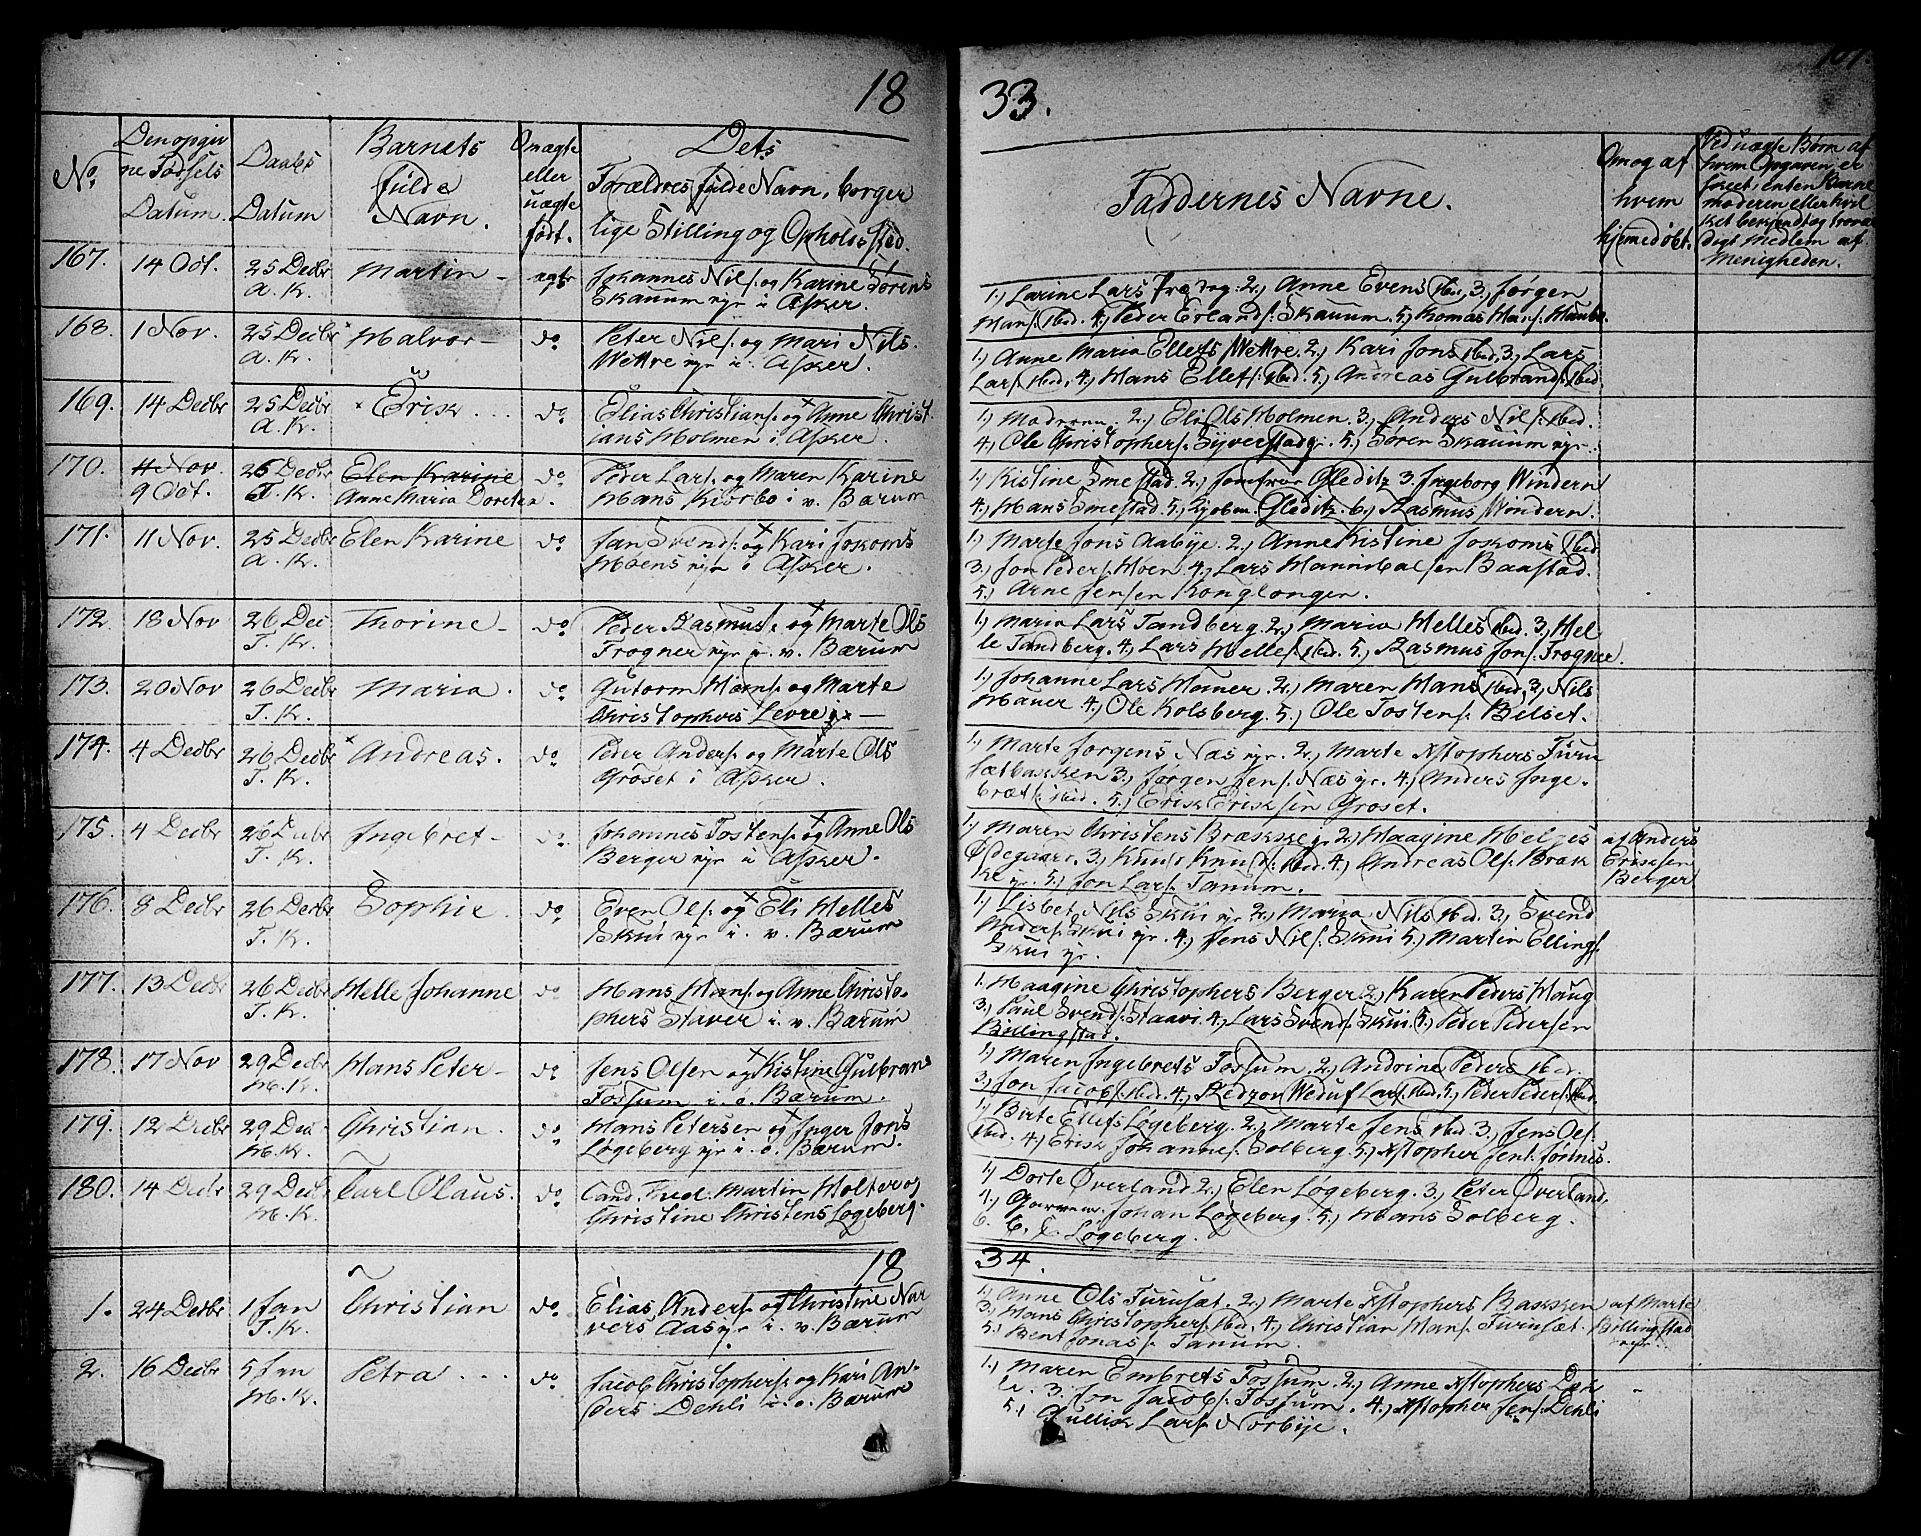 SAO, Asker prestekontor Kirkebøker, F/Fa/L0007: Ministerialbok nr. I 7, 1825-1864, s. 107